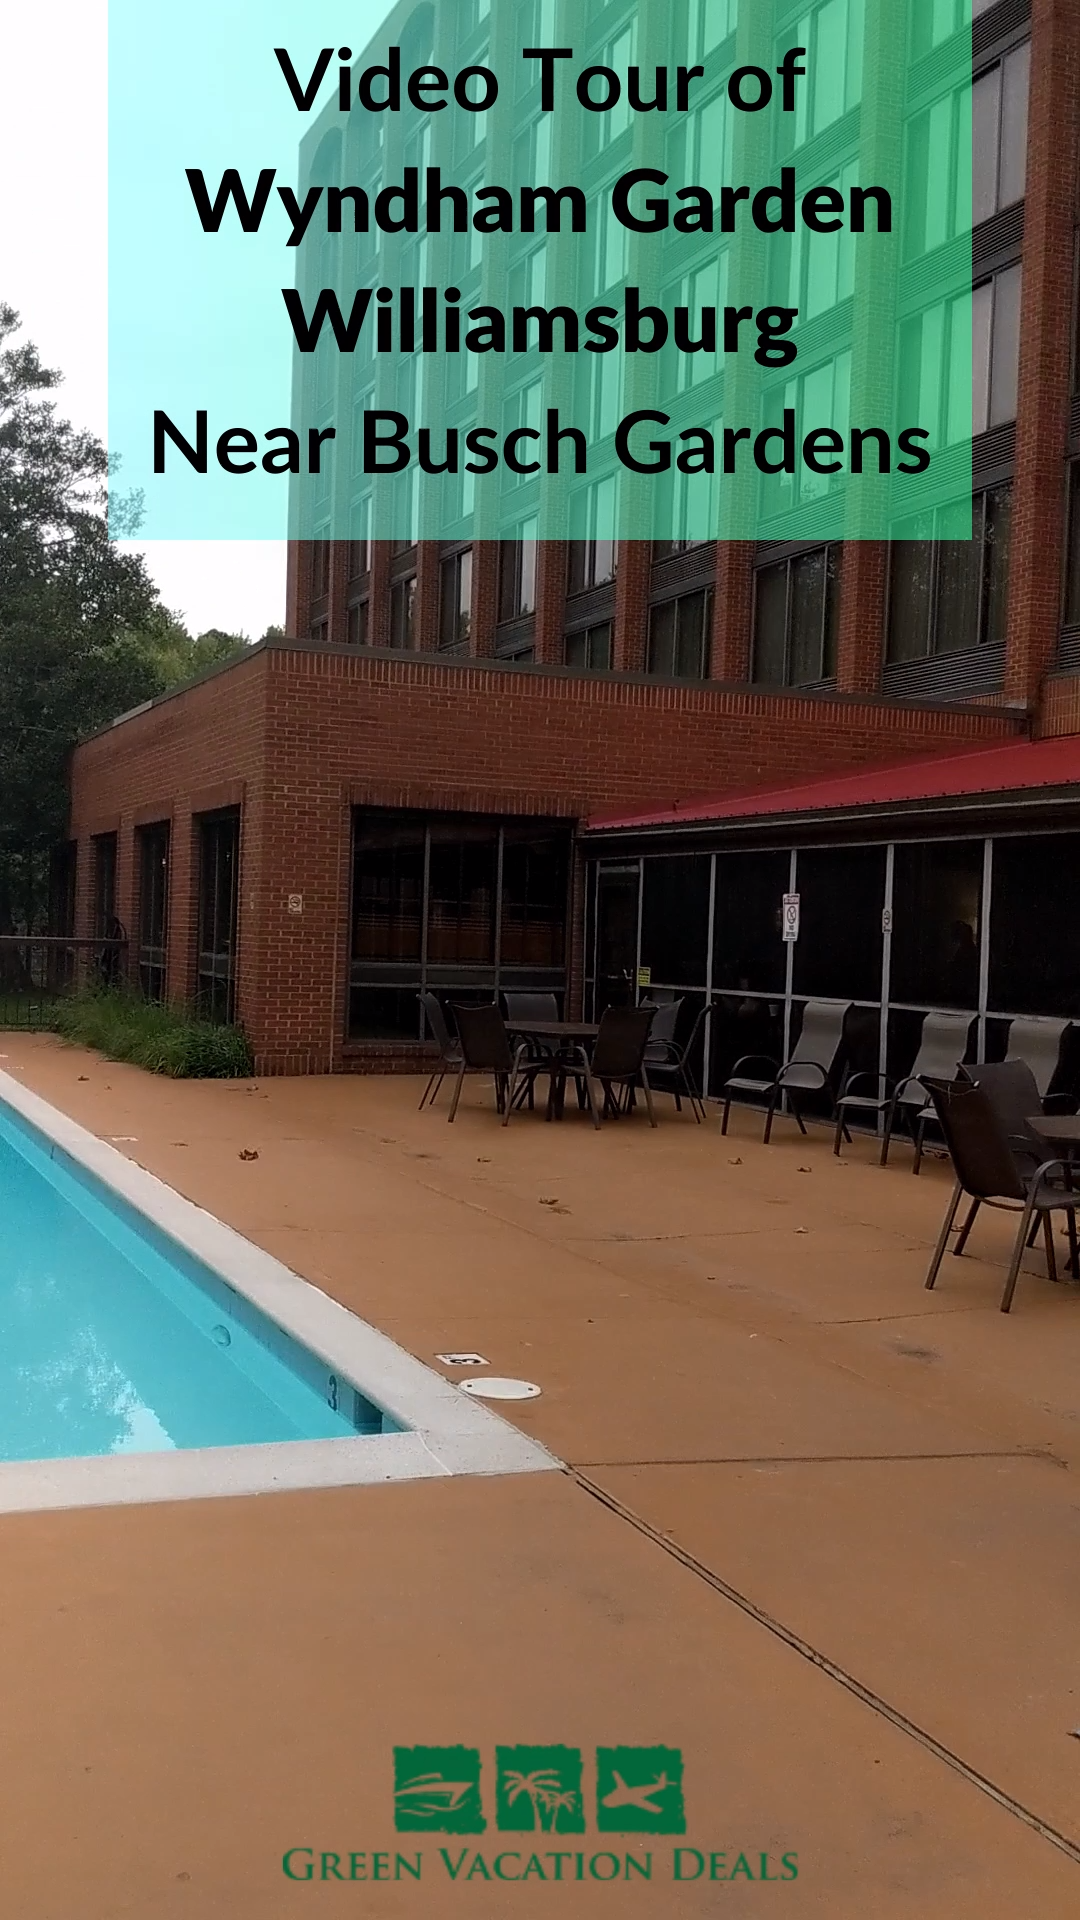 5f74fccf8c1ecf5aa47880dddfedb68e - Wyndham Garden Hotel Busch Gardens Williamsburg